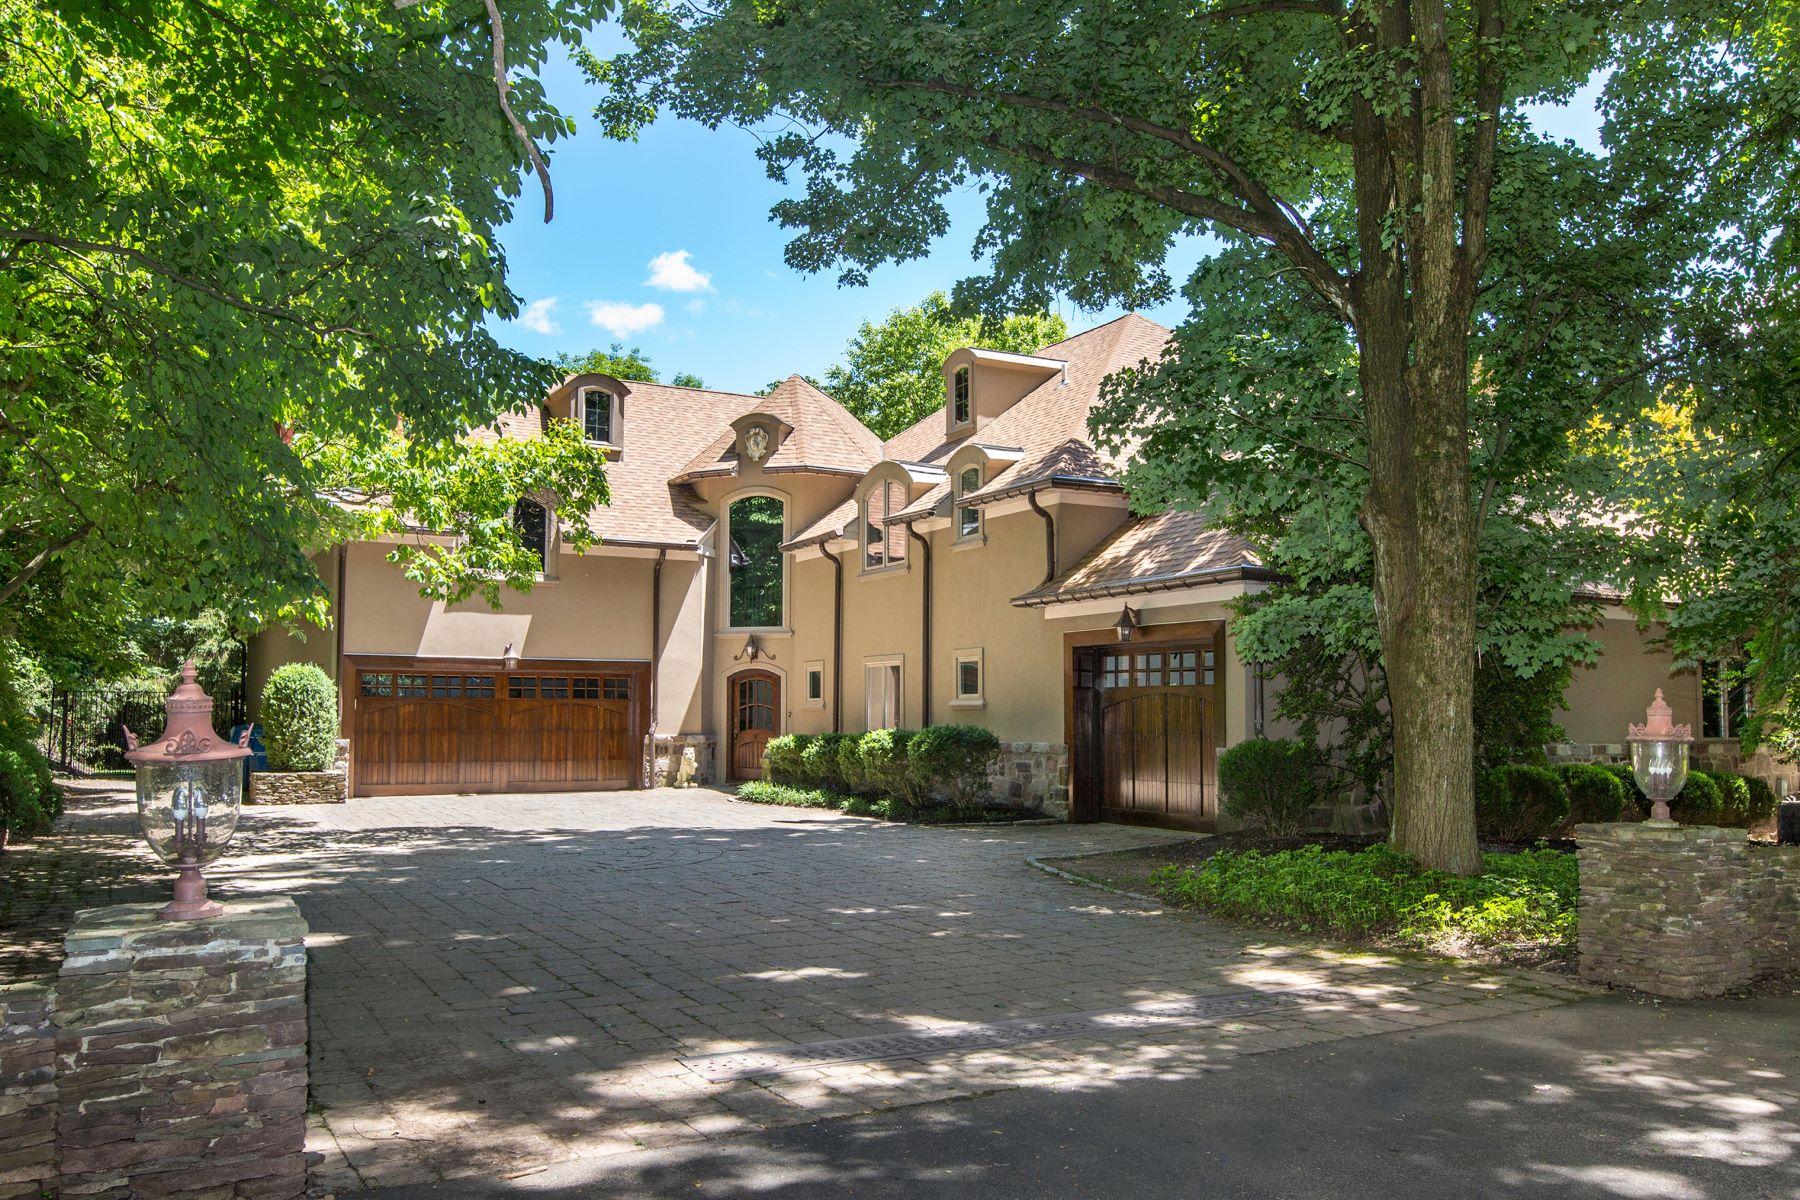 独户住宅 为 出租 在 2926 Comfort Rd 新希望镇, 宾夕法尼亚州 18938 美国